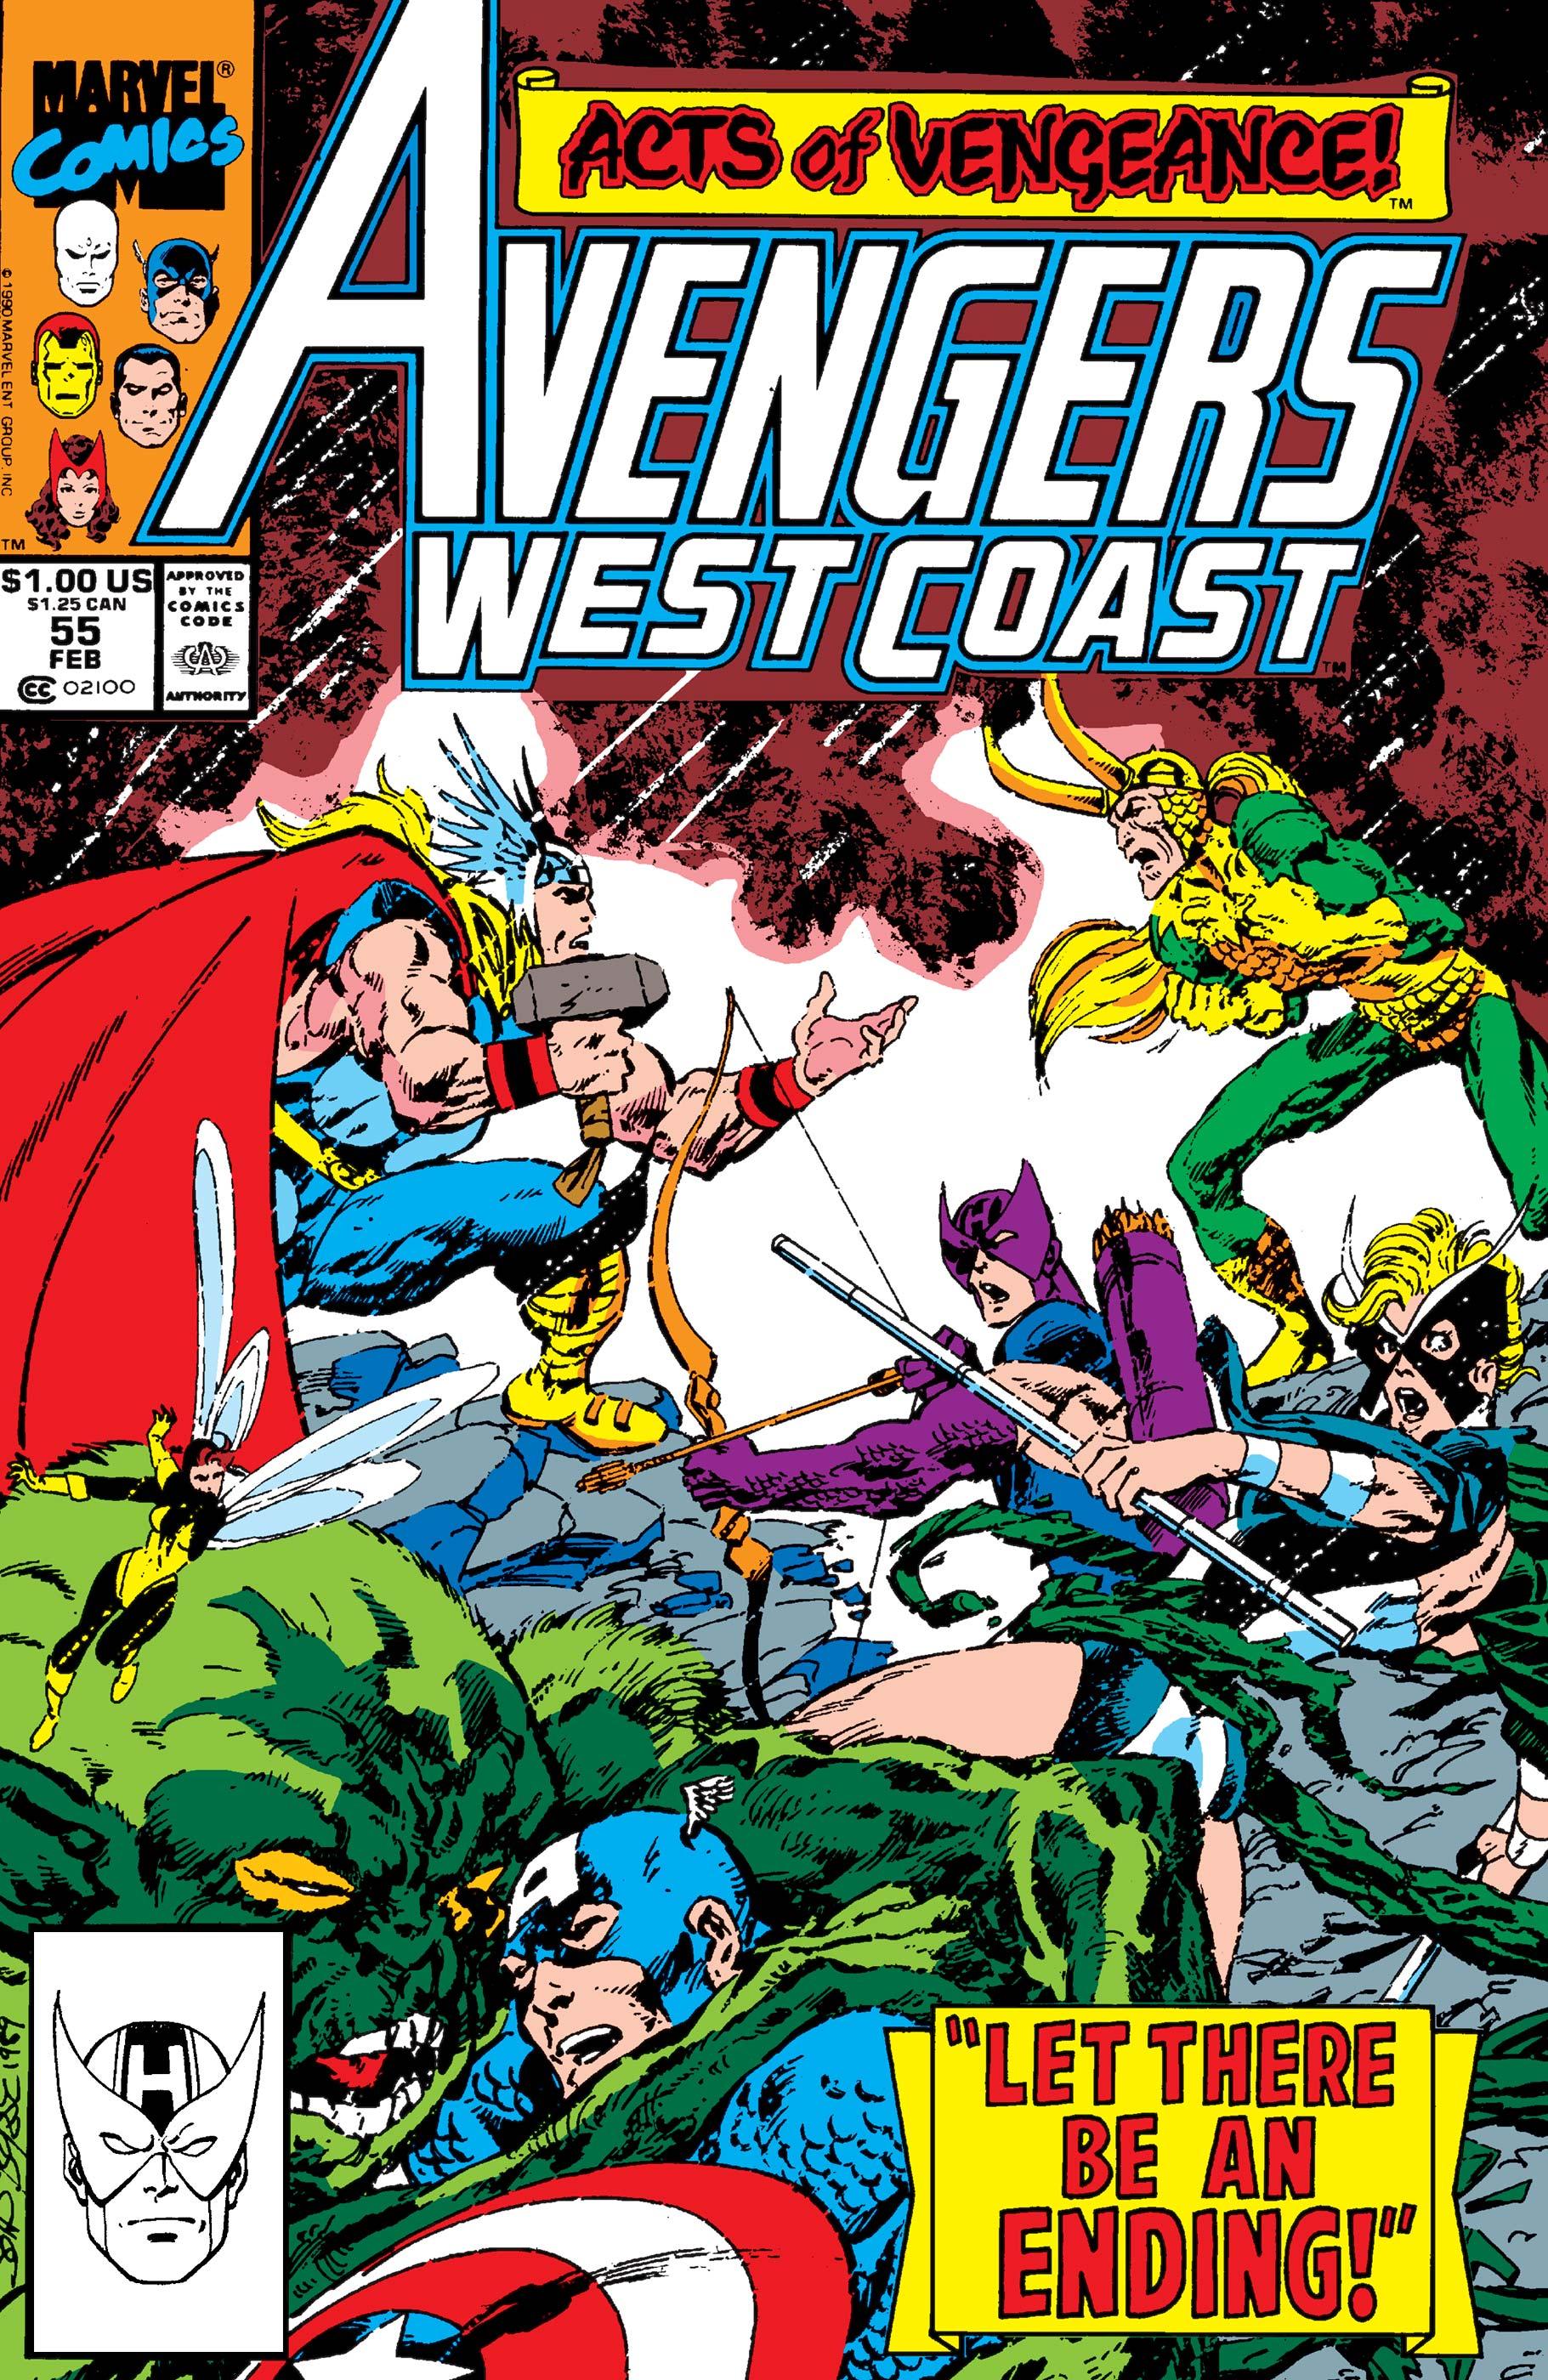 West Coast Avengers (1985) #55